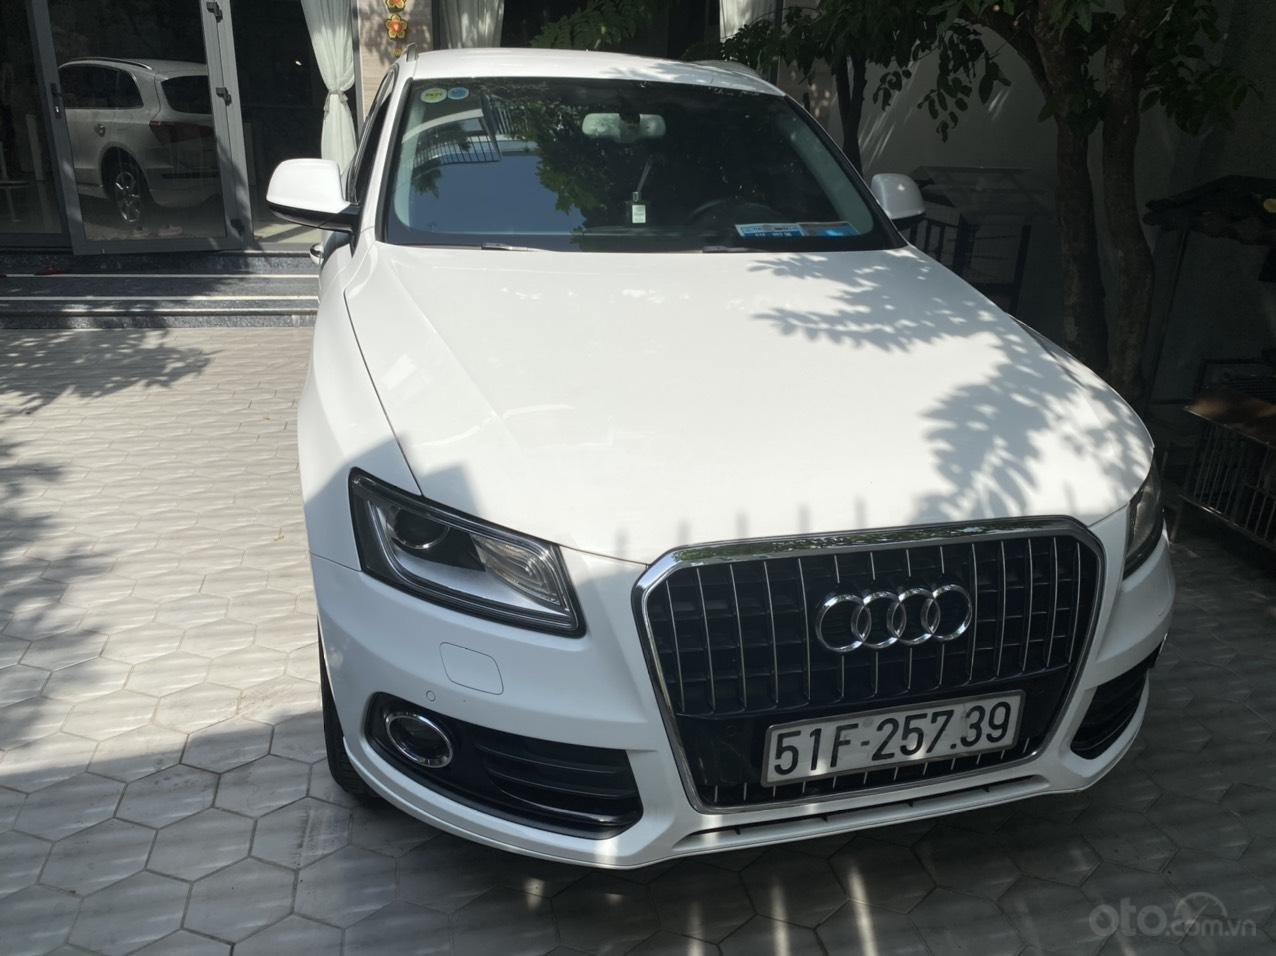 Chính chủ bán gấp xe Audi Q5 đời 2015, xe còn cực đẹp (1)